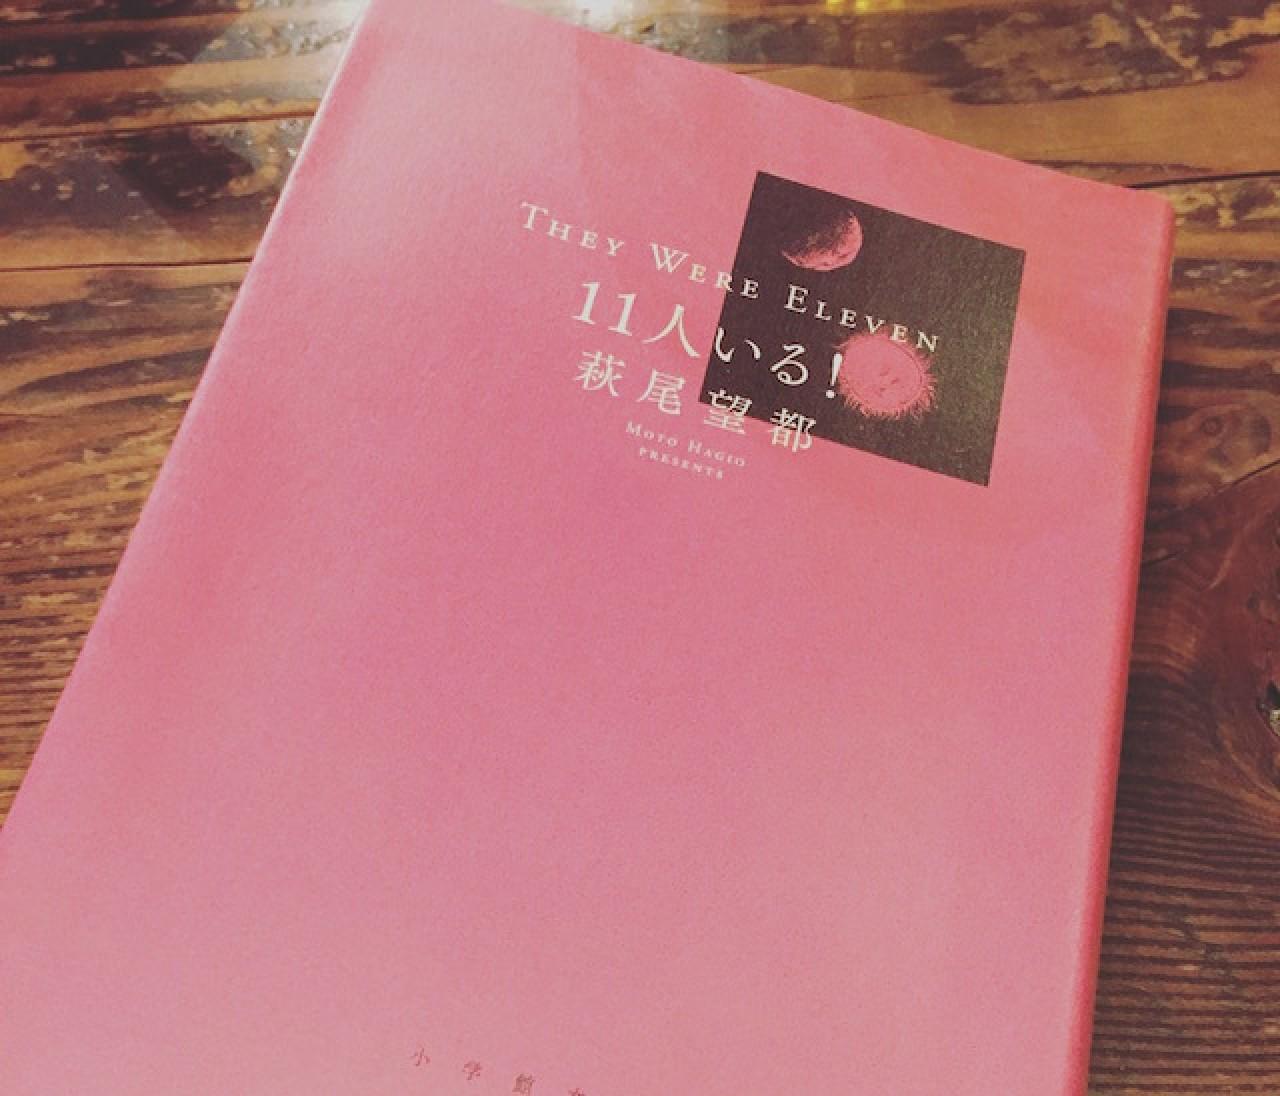 萩尾望都さんの『11人いる!』で秋のSF始めました【偏愛的読書案内/タイトルに惹かれて】